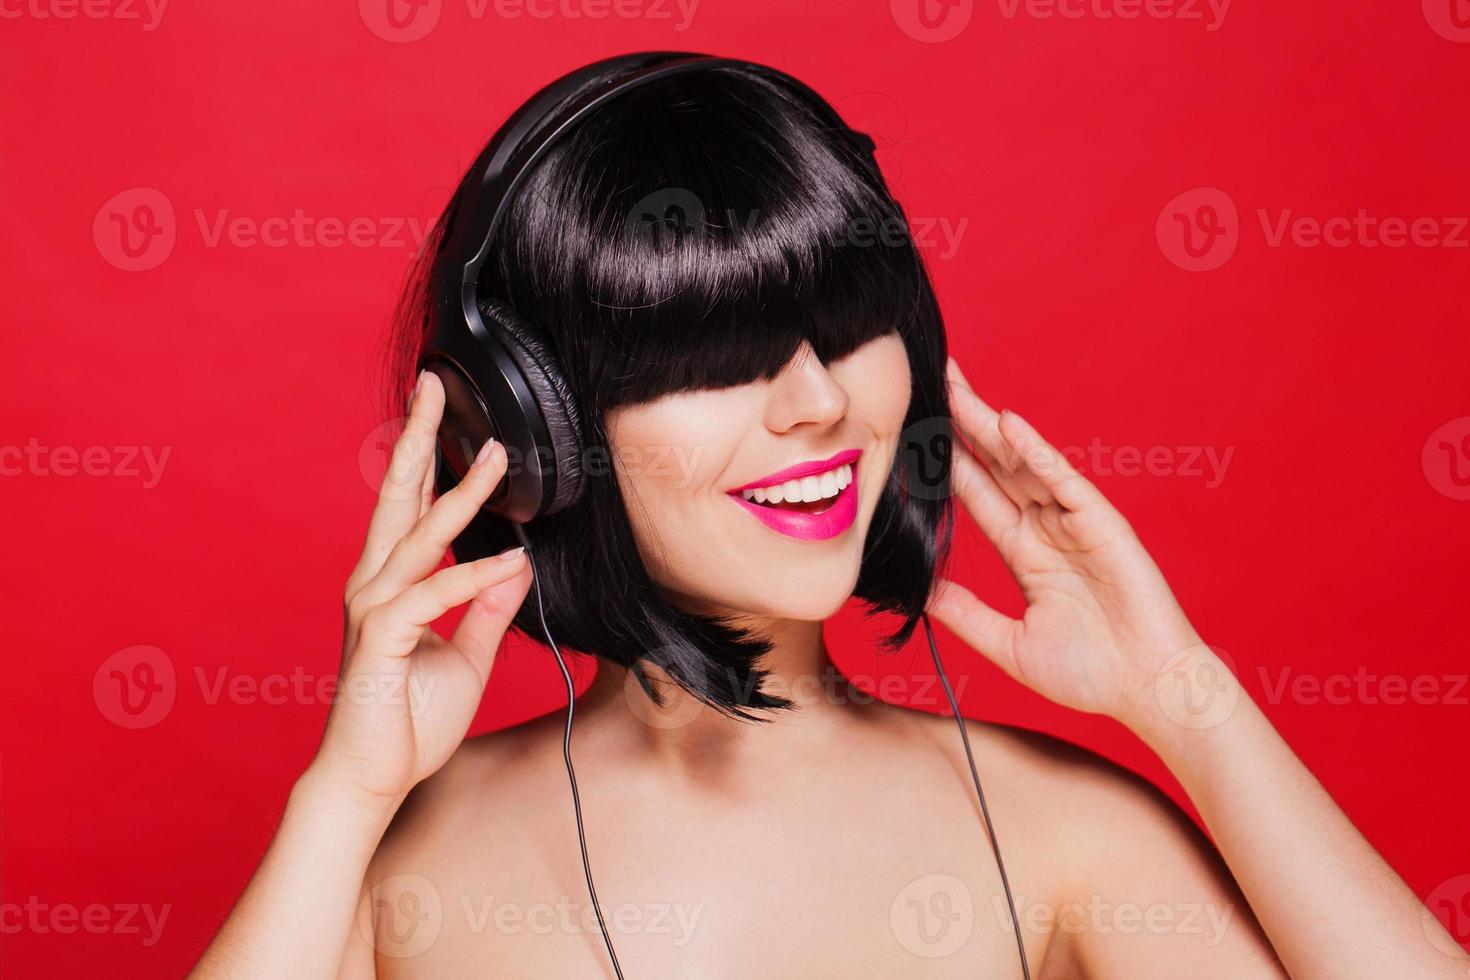 Frau hört Musik über Kopfhörer und genießt einen Gesang. Nahansicht foto